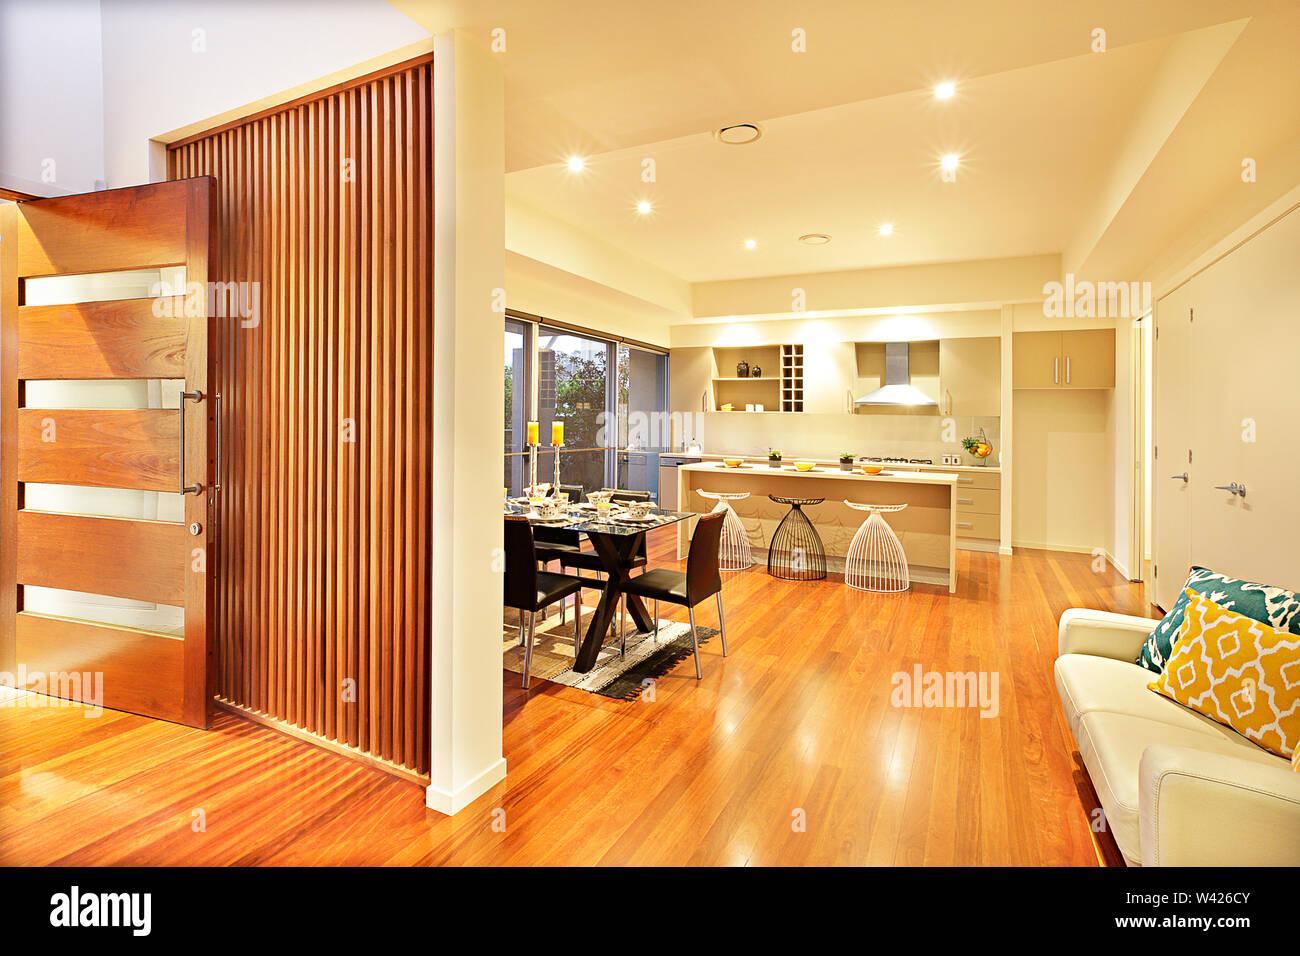 Cocina de lujo de diseño con suelo de madera y muebles, piso ...